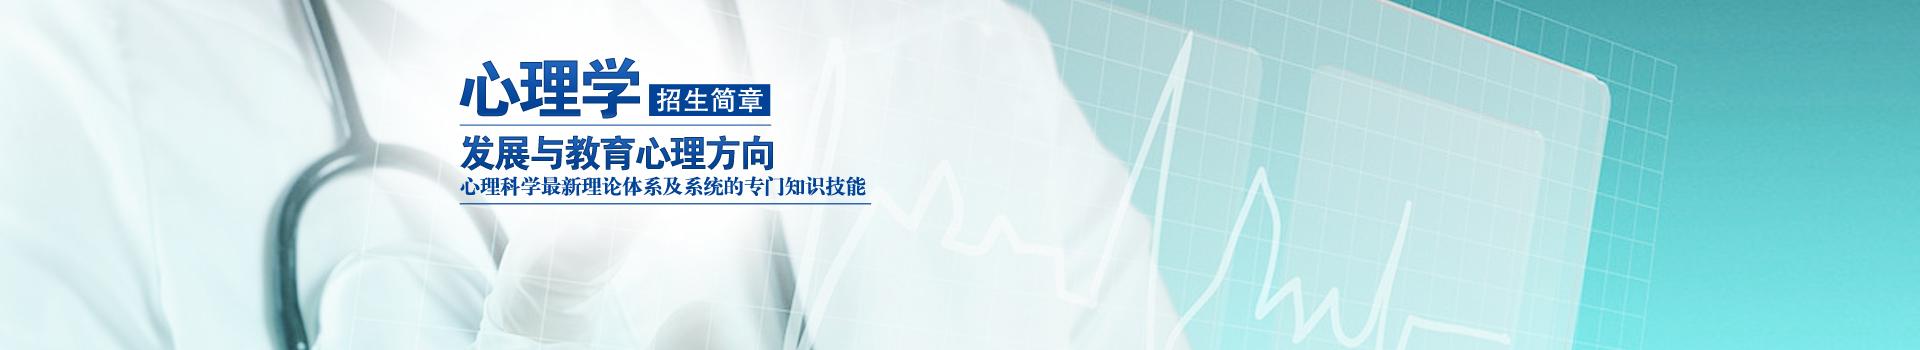 中国科学院心理研究所(发展与教育心理方向)在职研究生招生简章